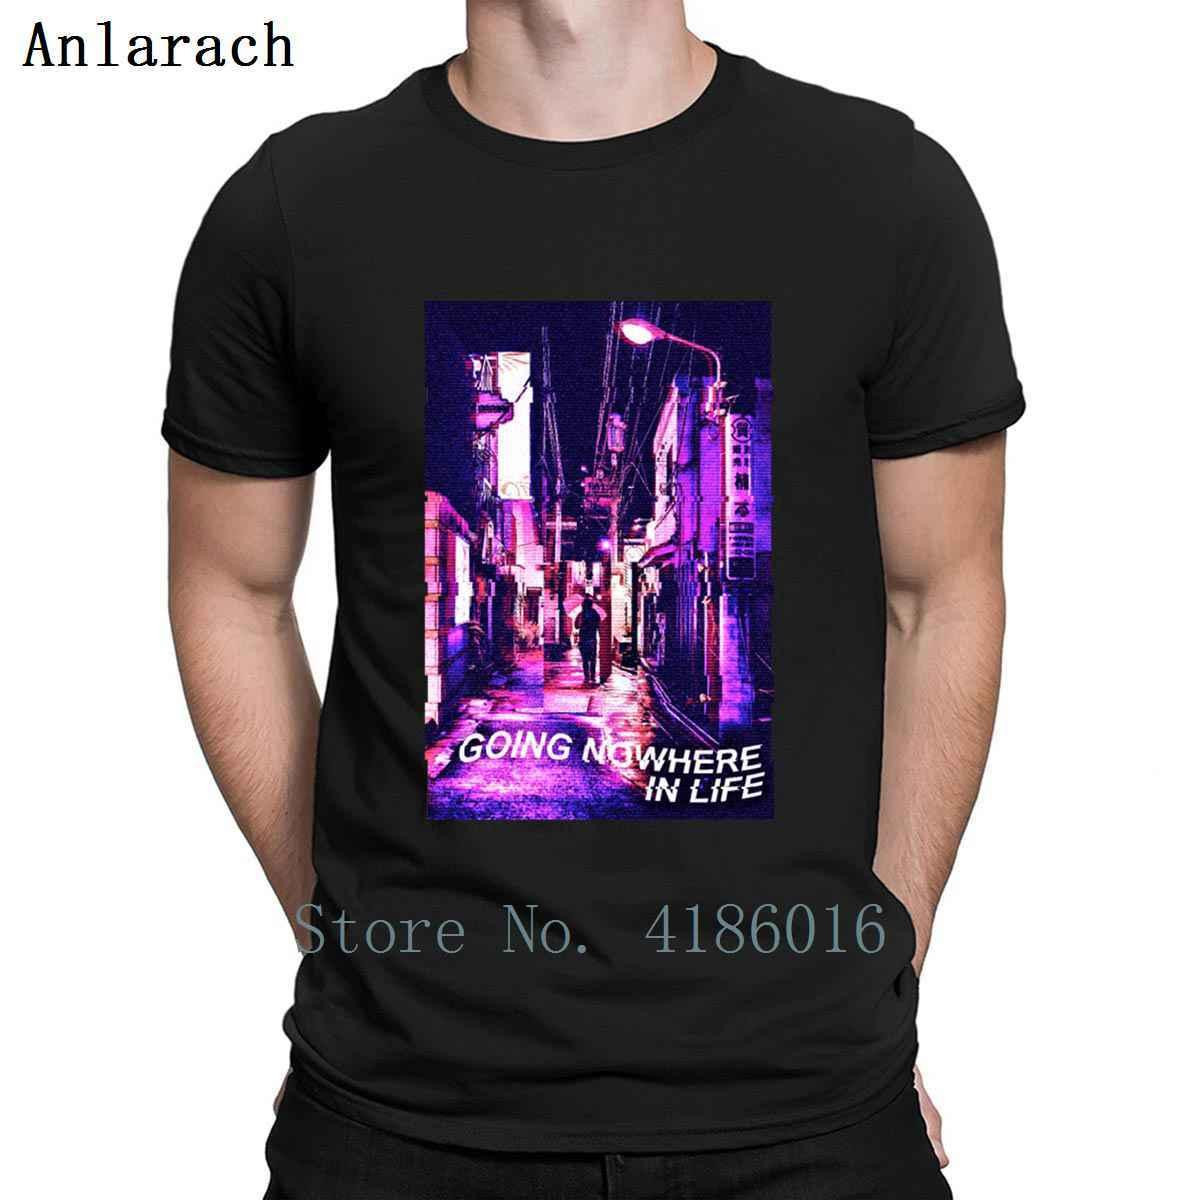 Sad 90 déprimées Going Nowhere dans la vie vaporwave T-shirt famille Printemps Comical Plus Size 5xl Outfit en coton imprimé T-shirt